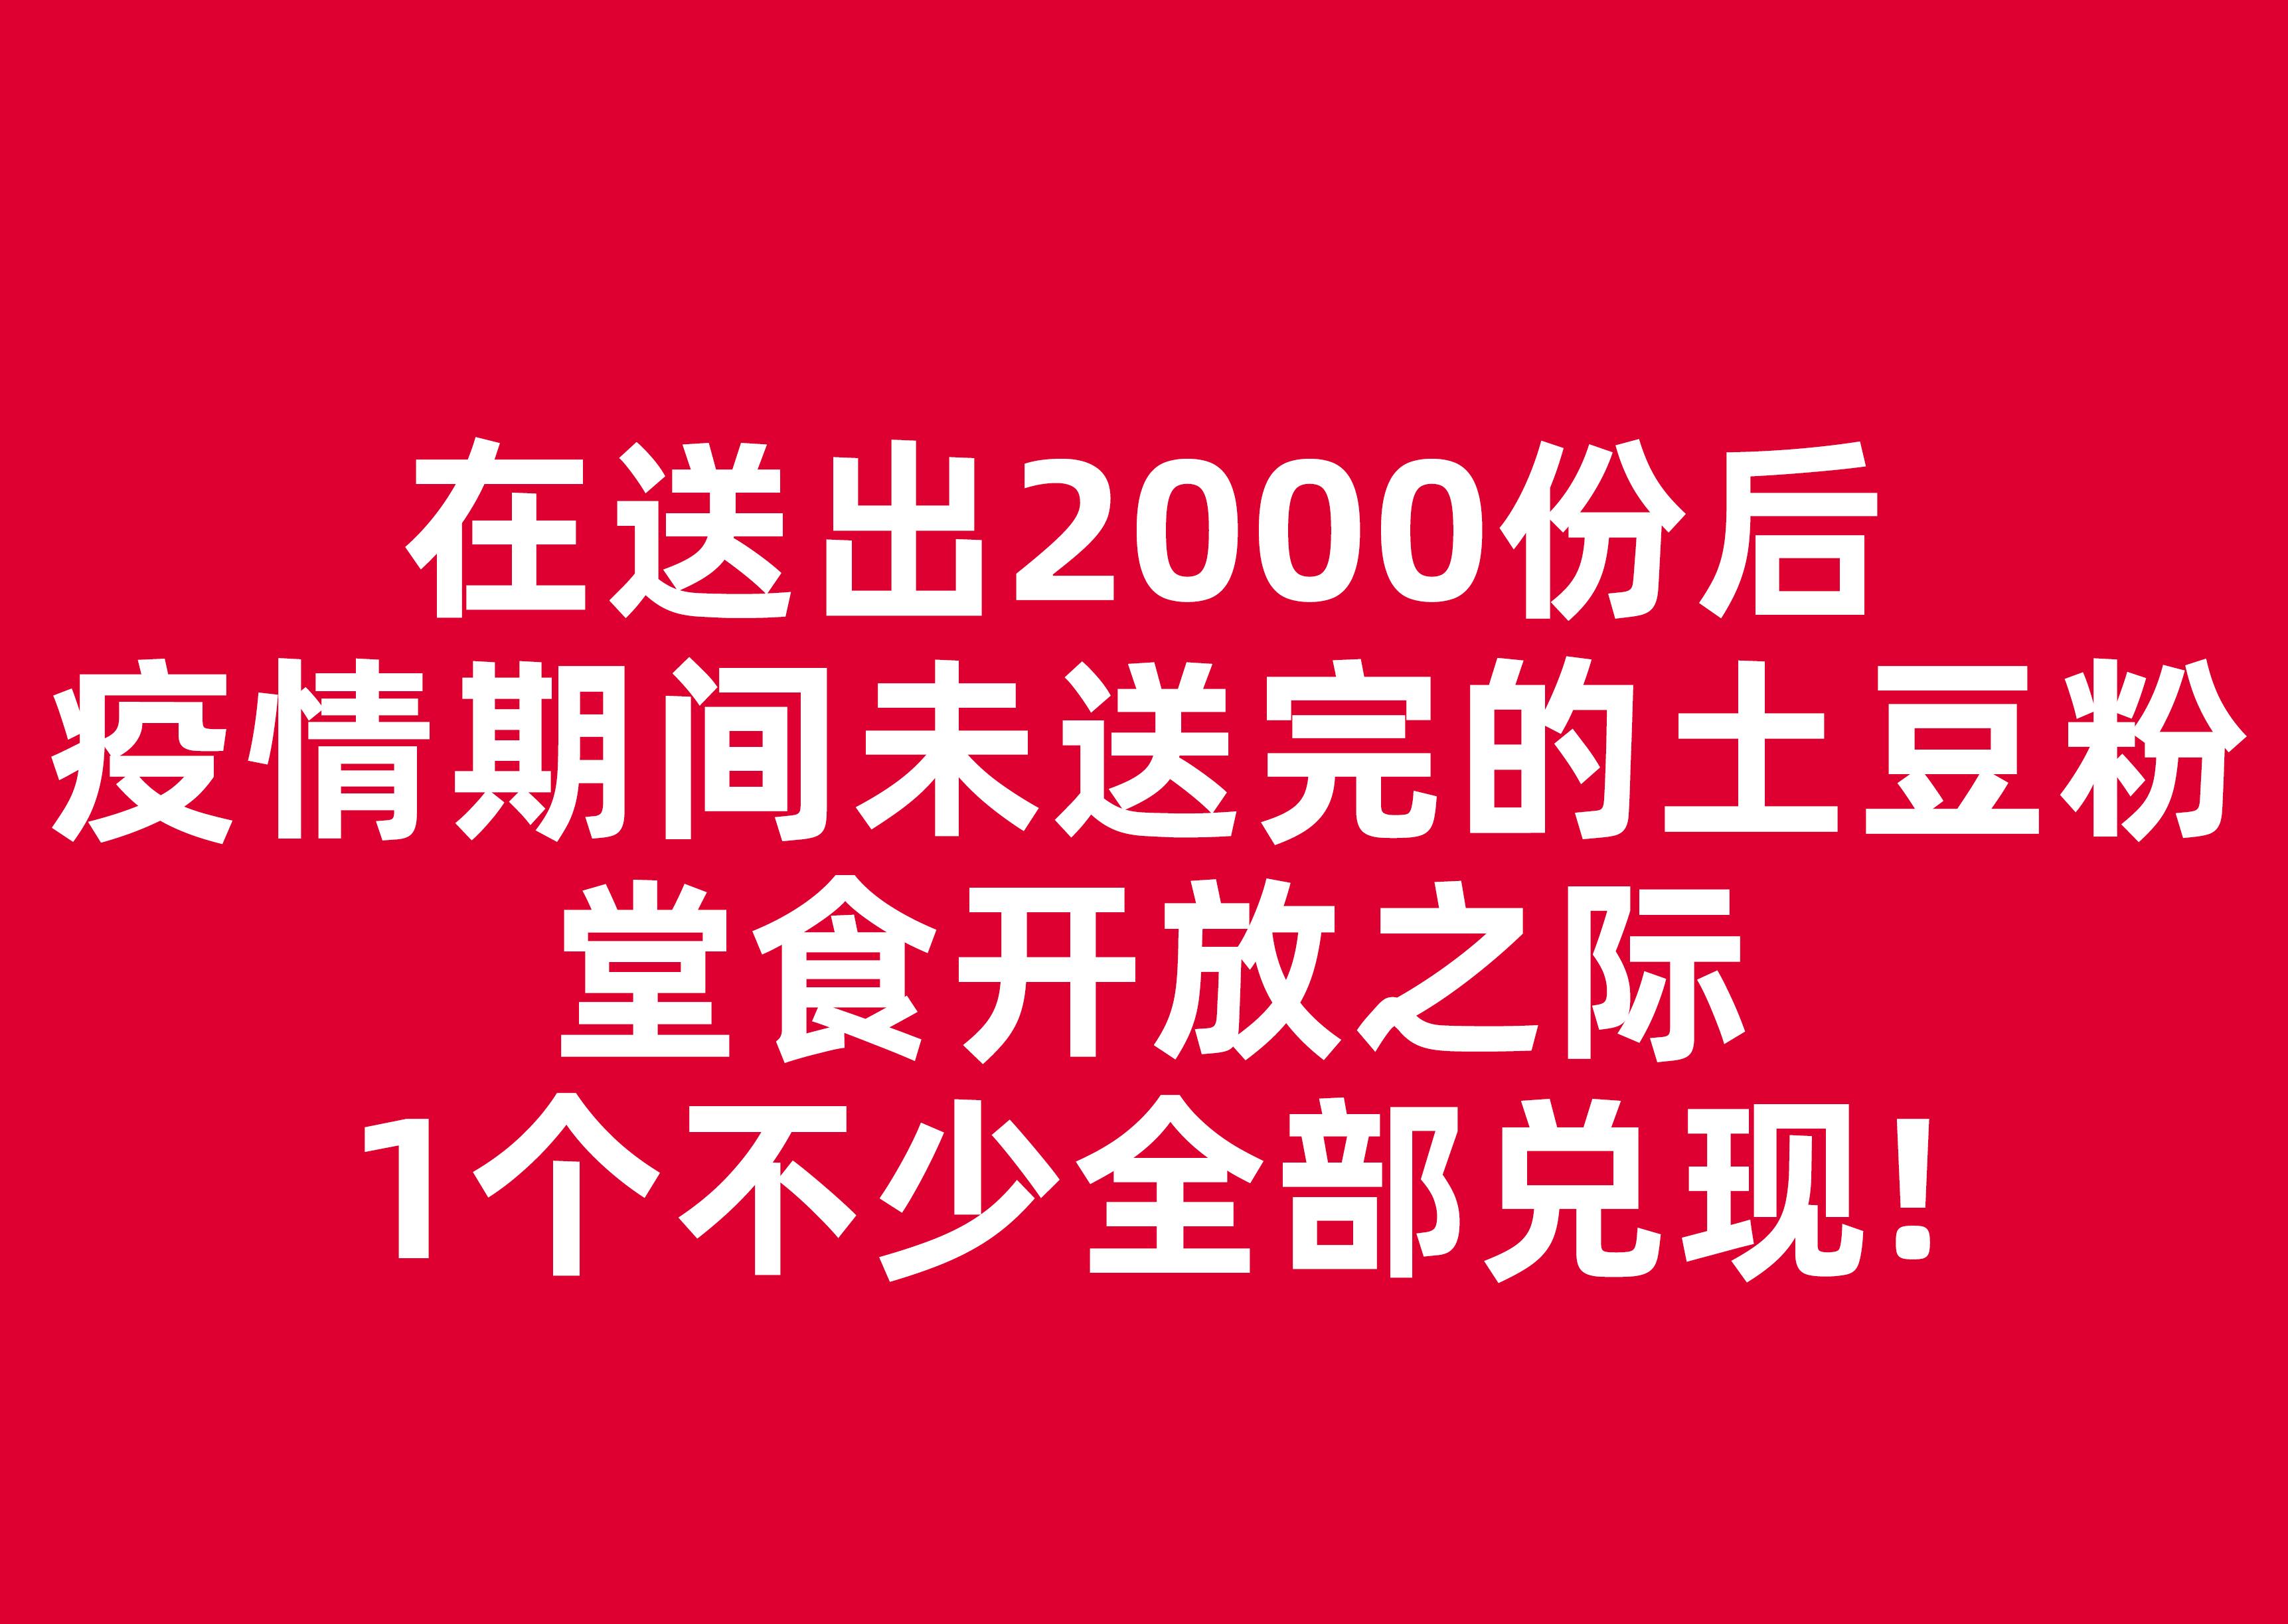 在送出2000份后,疫情期間未送完的土豆粉,堂食開放之際,1個不少全部兌現!